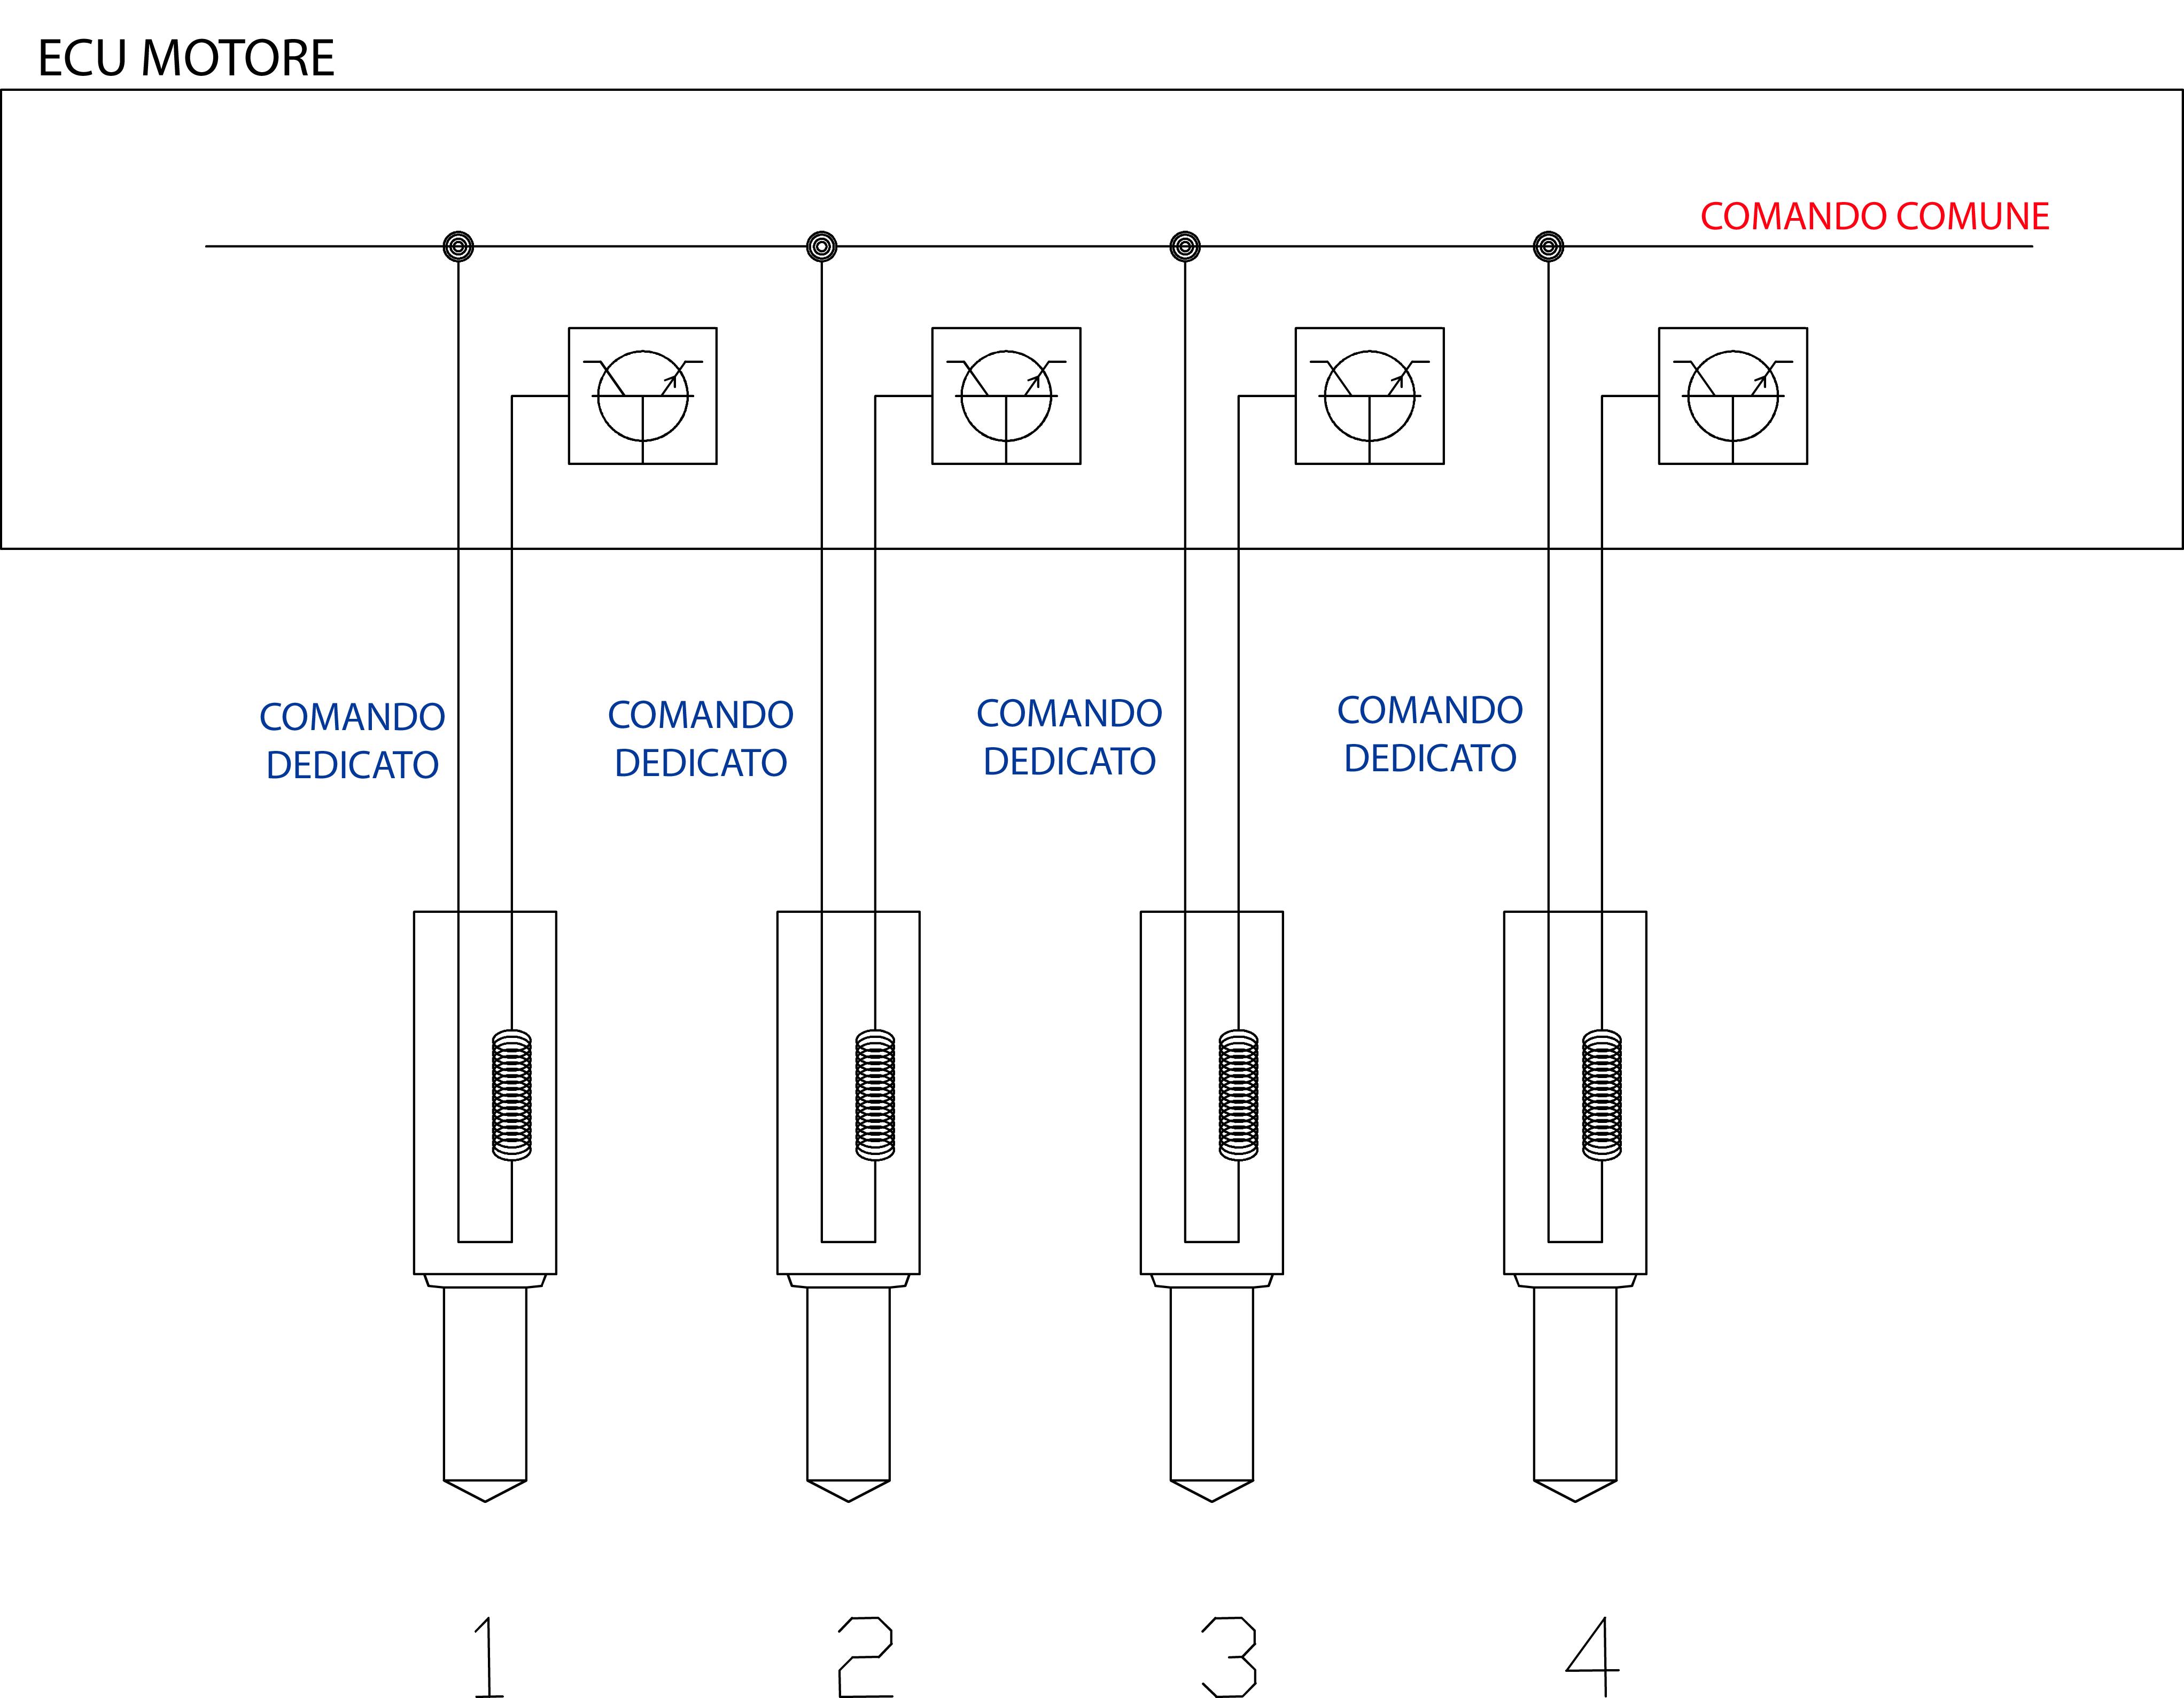 Schema Elettrico Yaris : Il comando e l assorbimento elettrico dell iniettore pompa